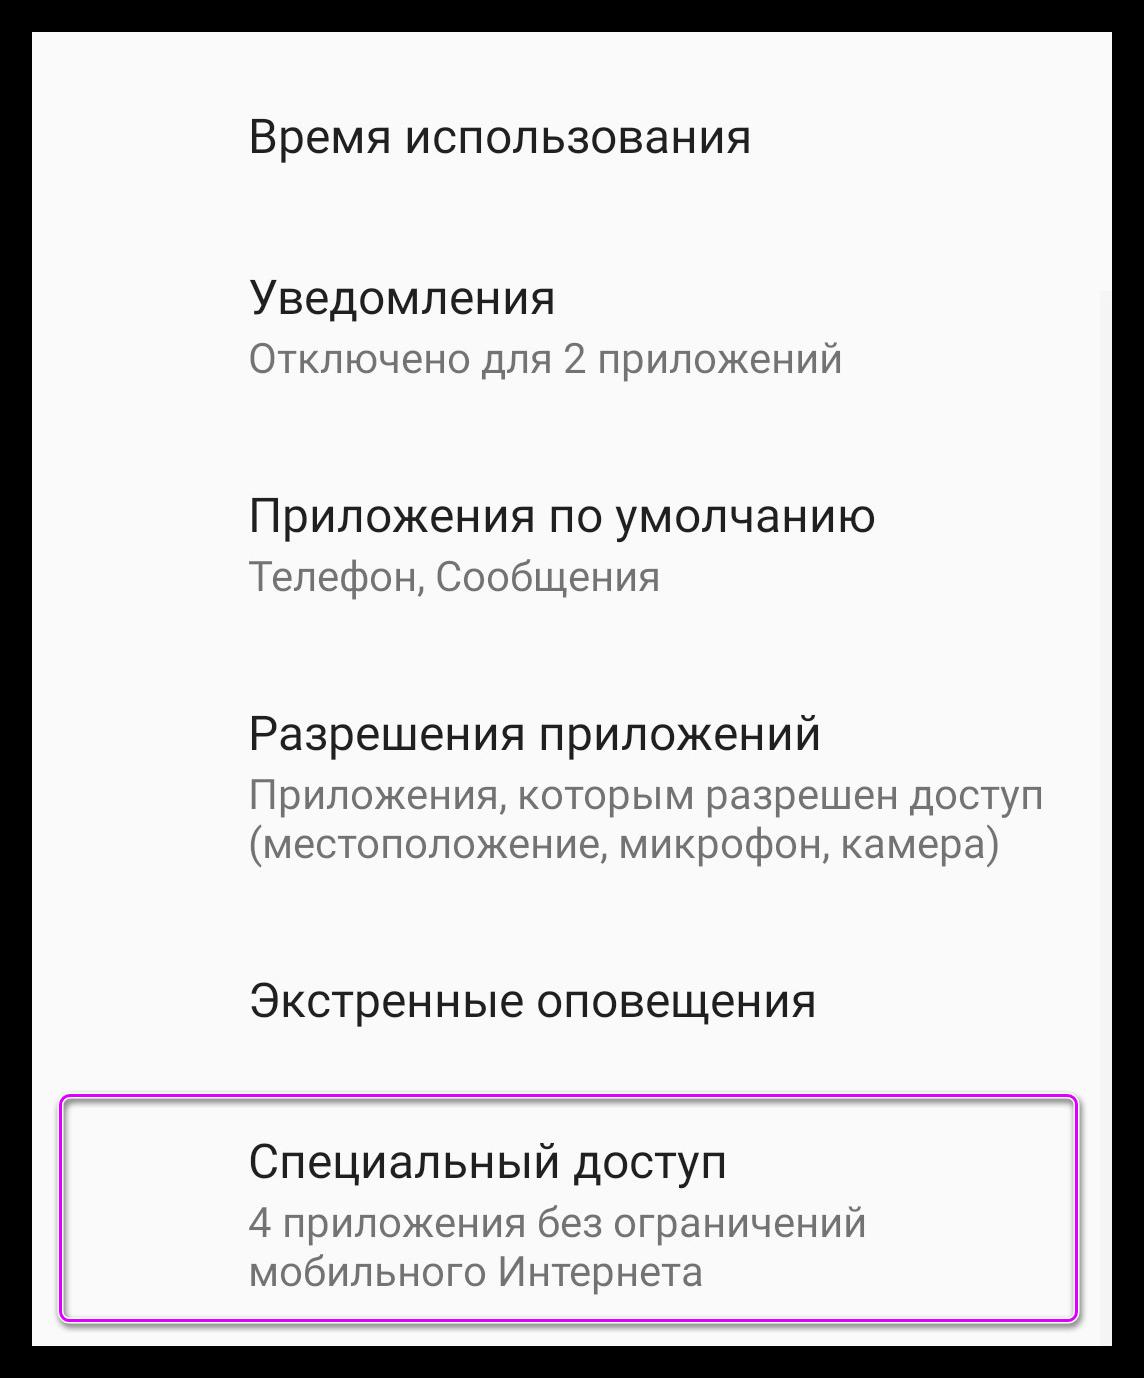 Специальный доступ (2)